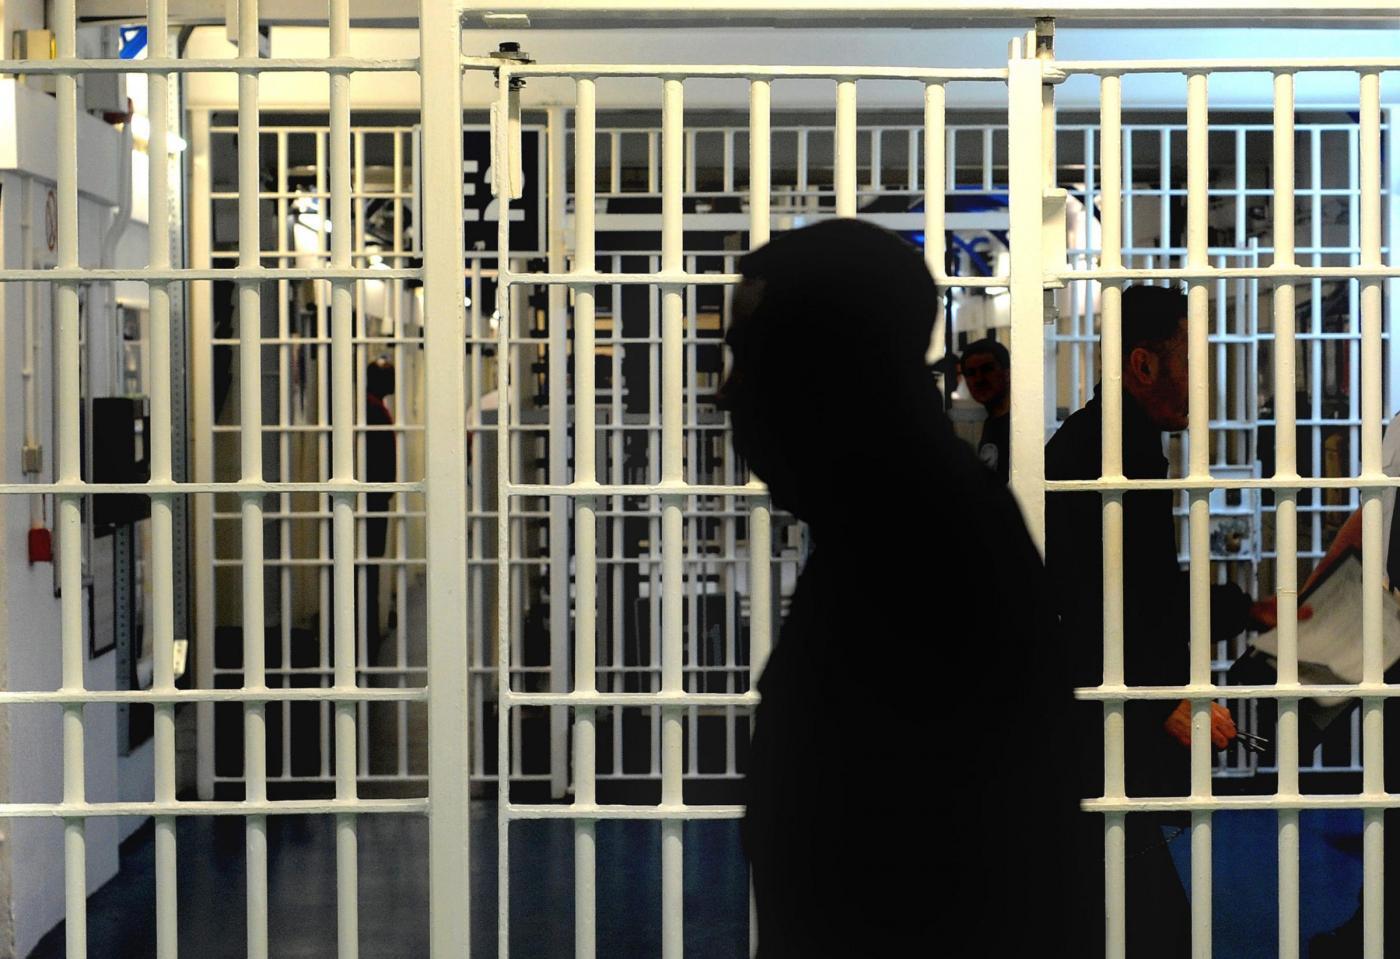 Amore in carcere tra agenti donne e detenuti: shock a Brescia